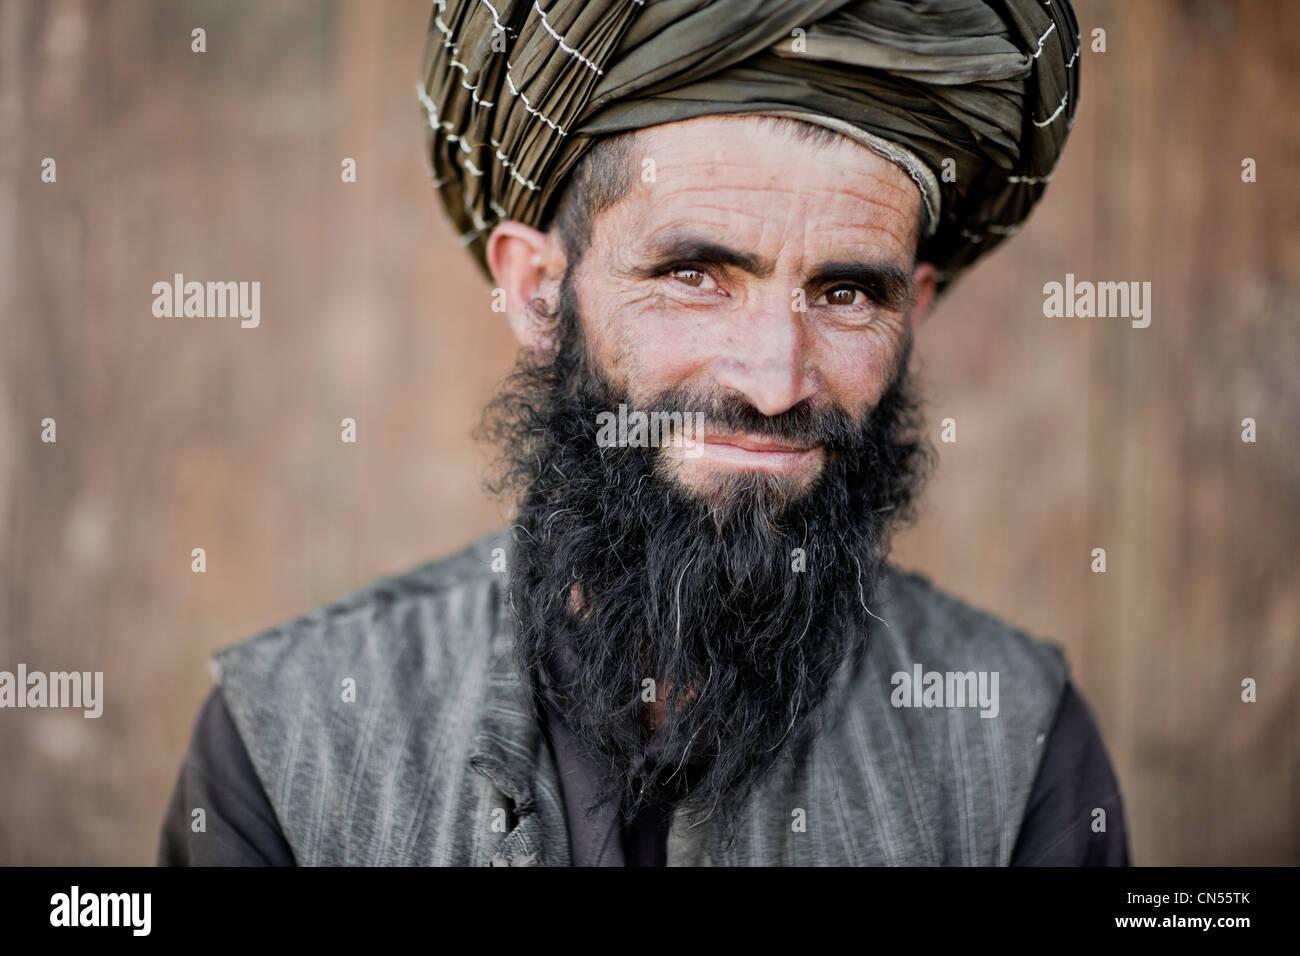 Pashtun Stock Photos & Pashtun Stock Images - Alamy